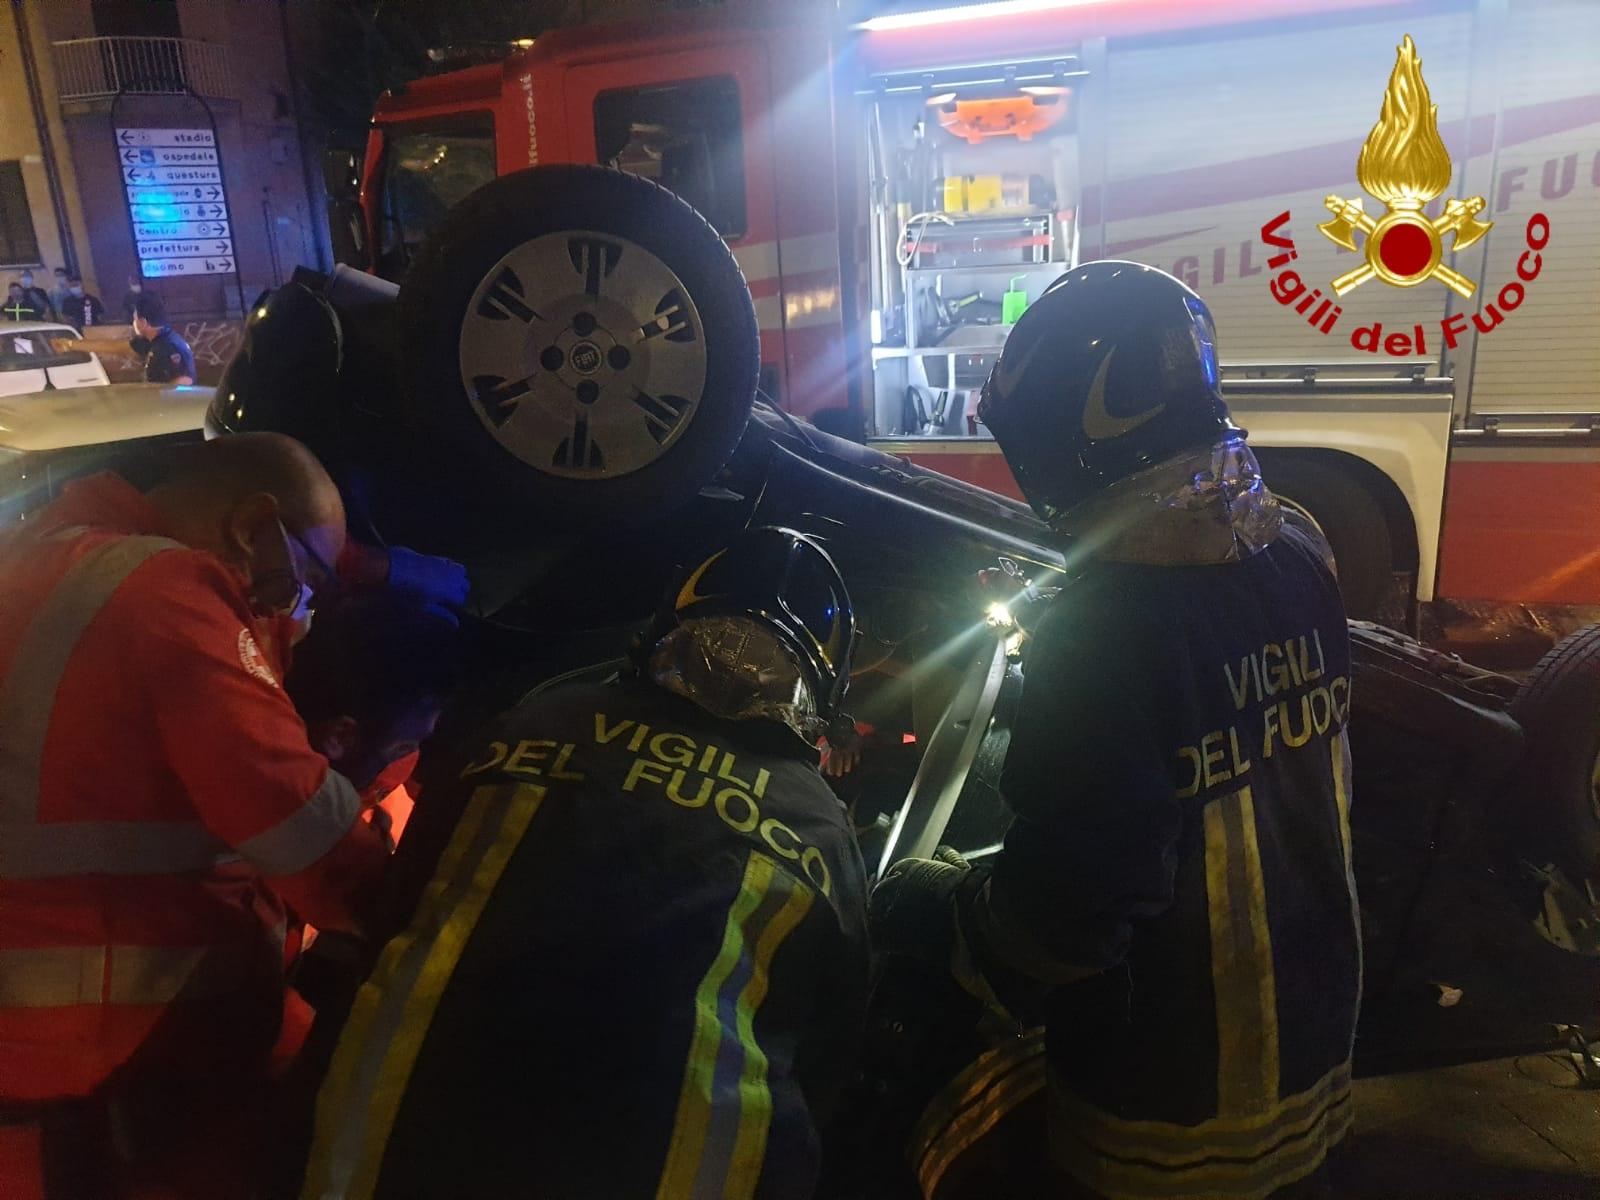 Avellino| Scontro tra 2 auto in via Roma, una si ribalta: ragazzo incastrato, 3 i feriti